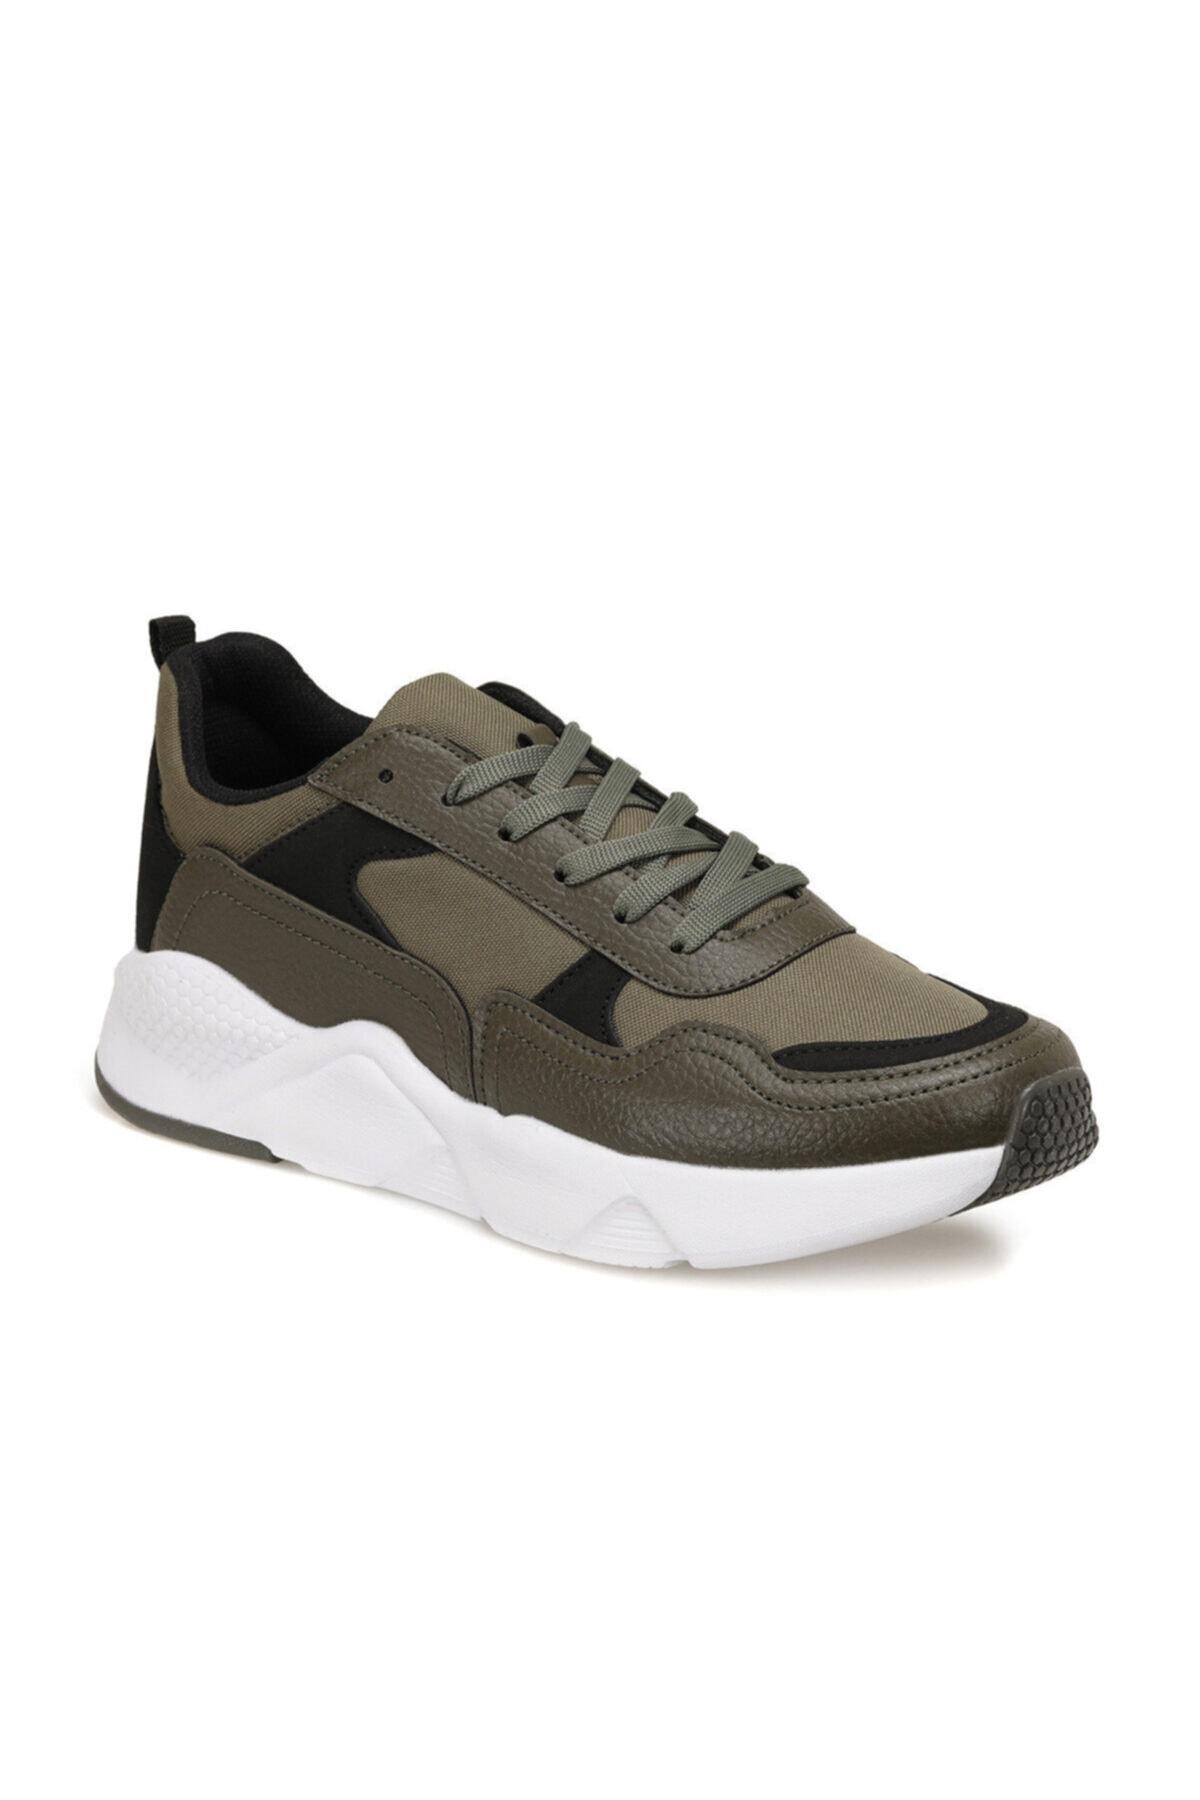 Torex DENVER Haki Erkek Sneaker Ayakkabı 100577240 1